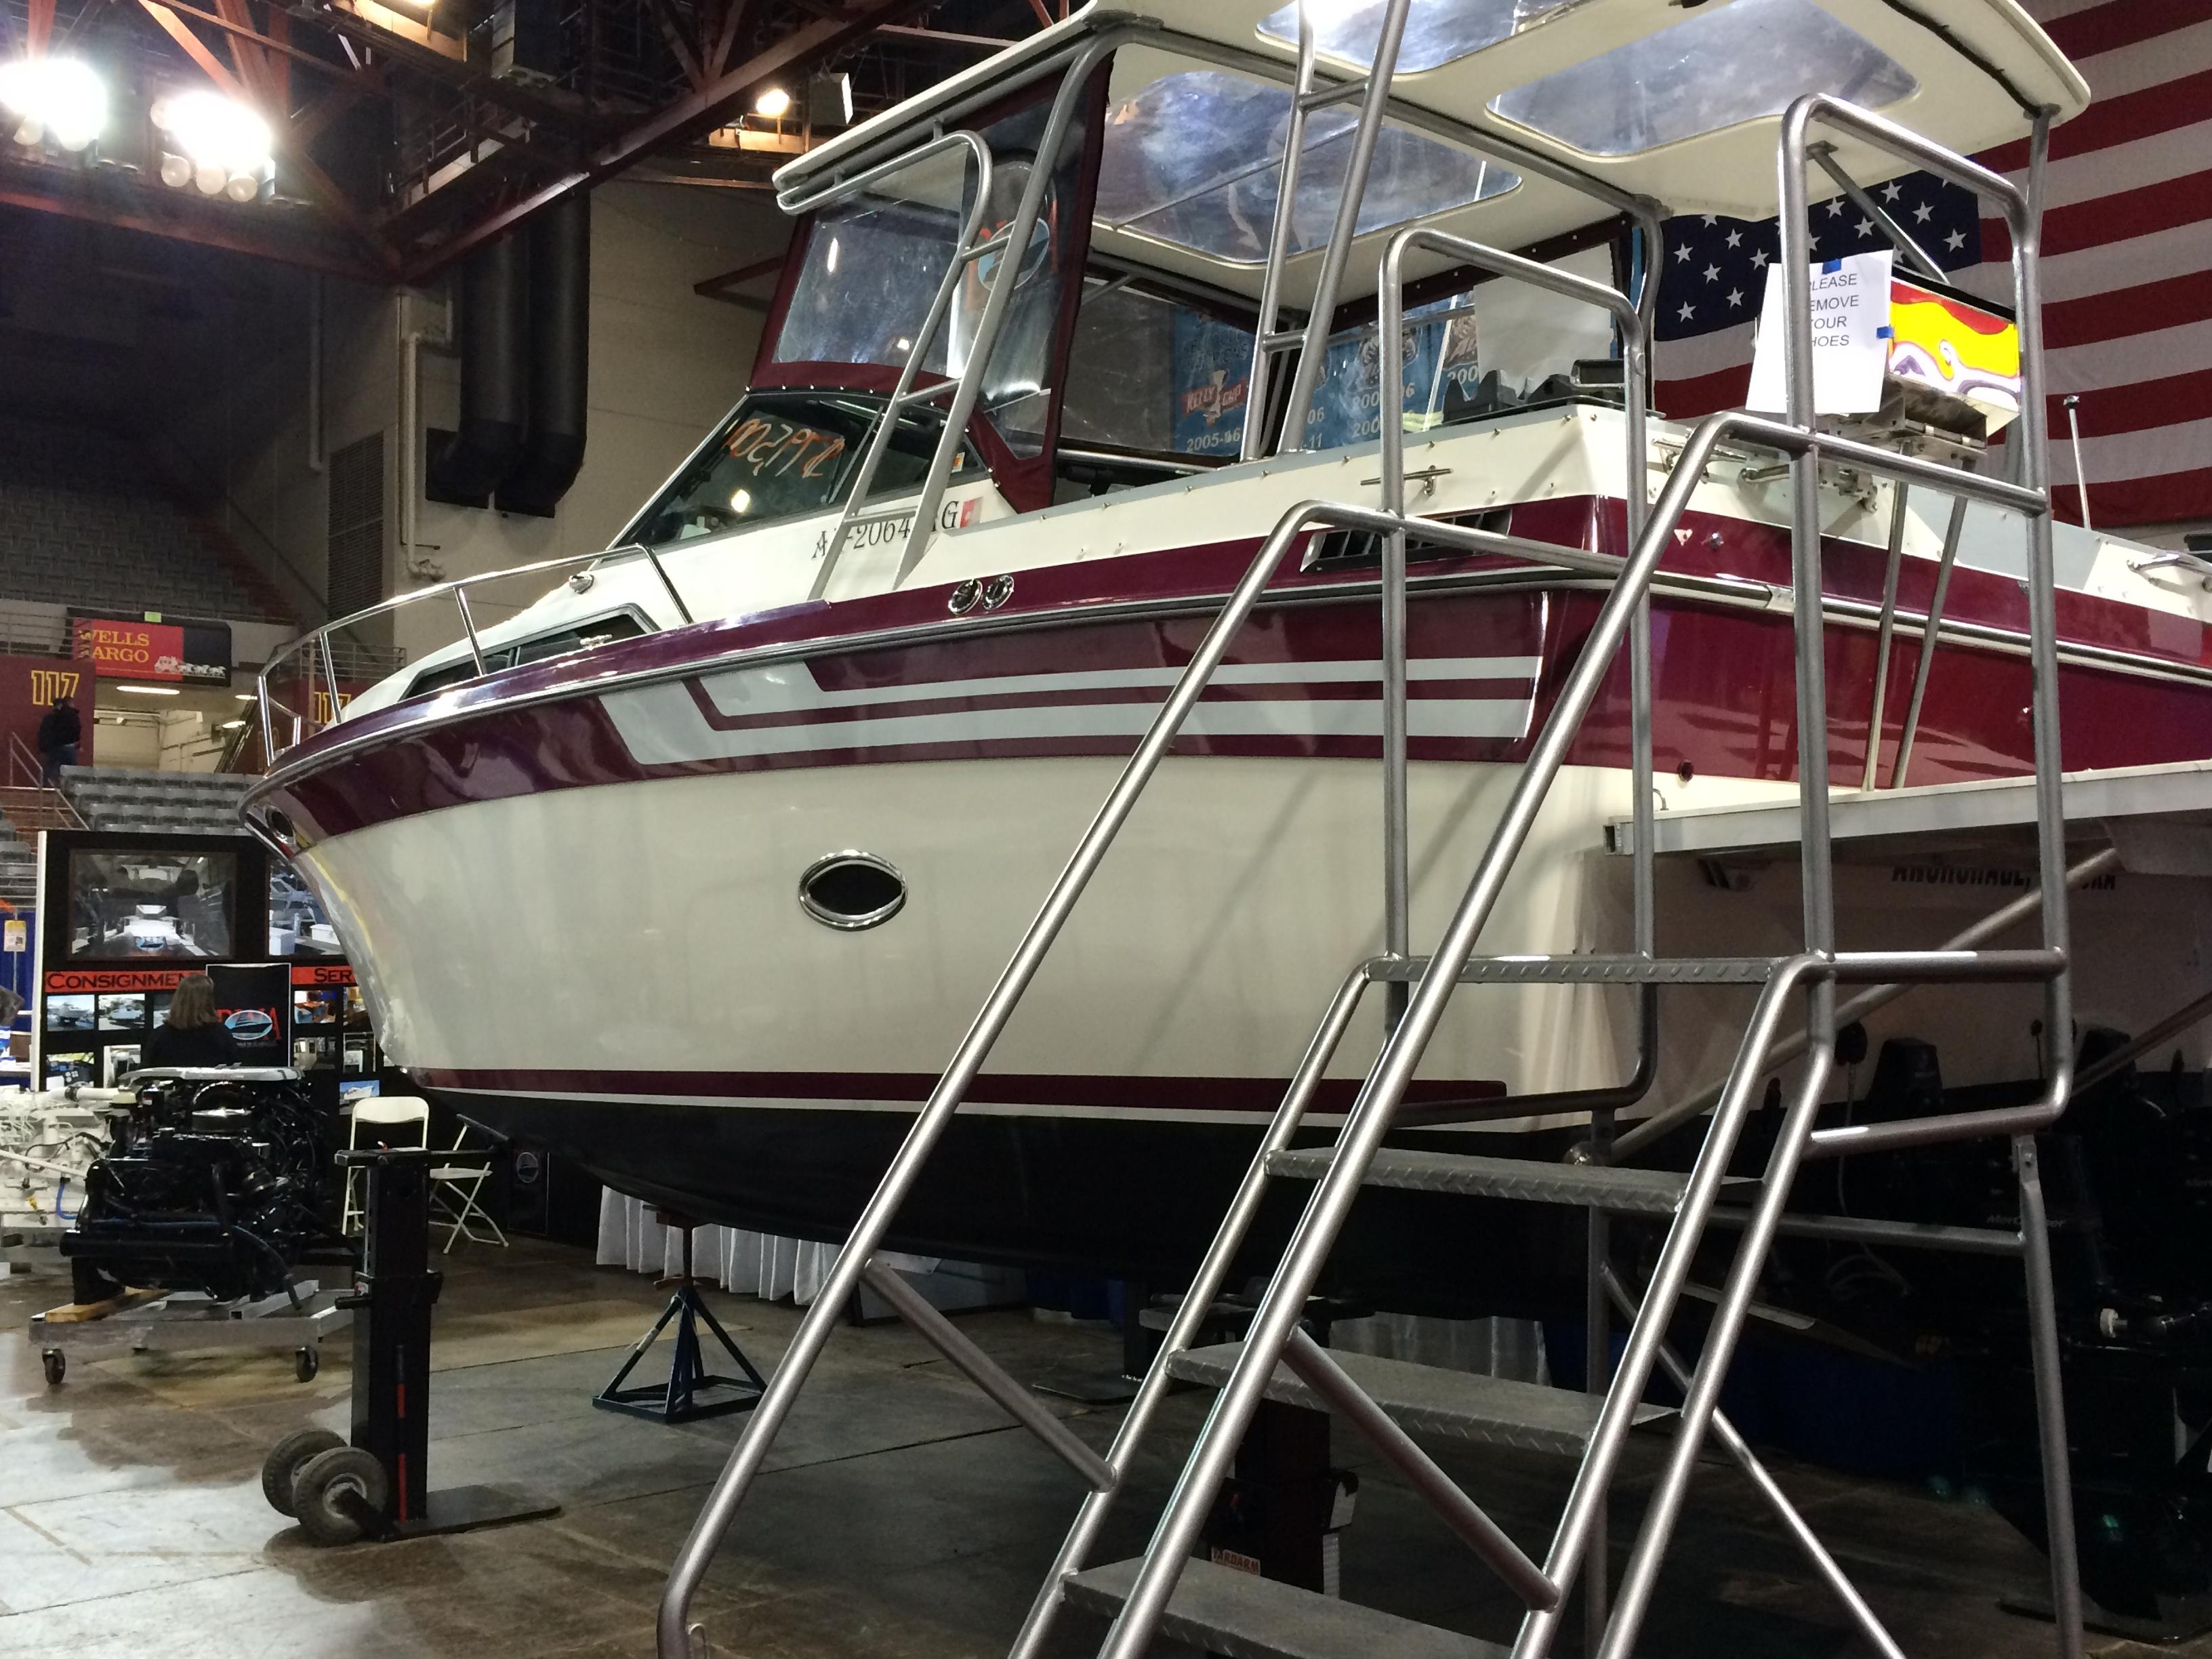 Boat Image 23